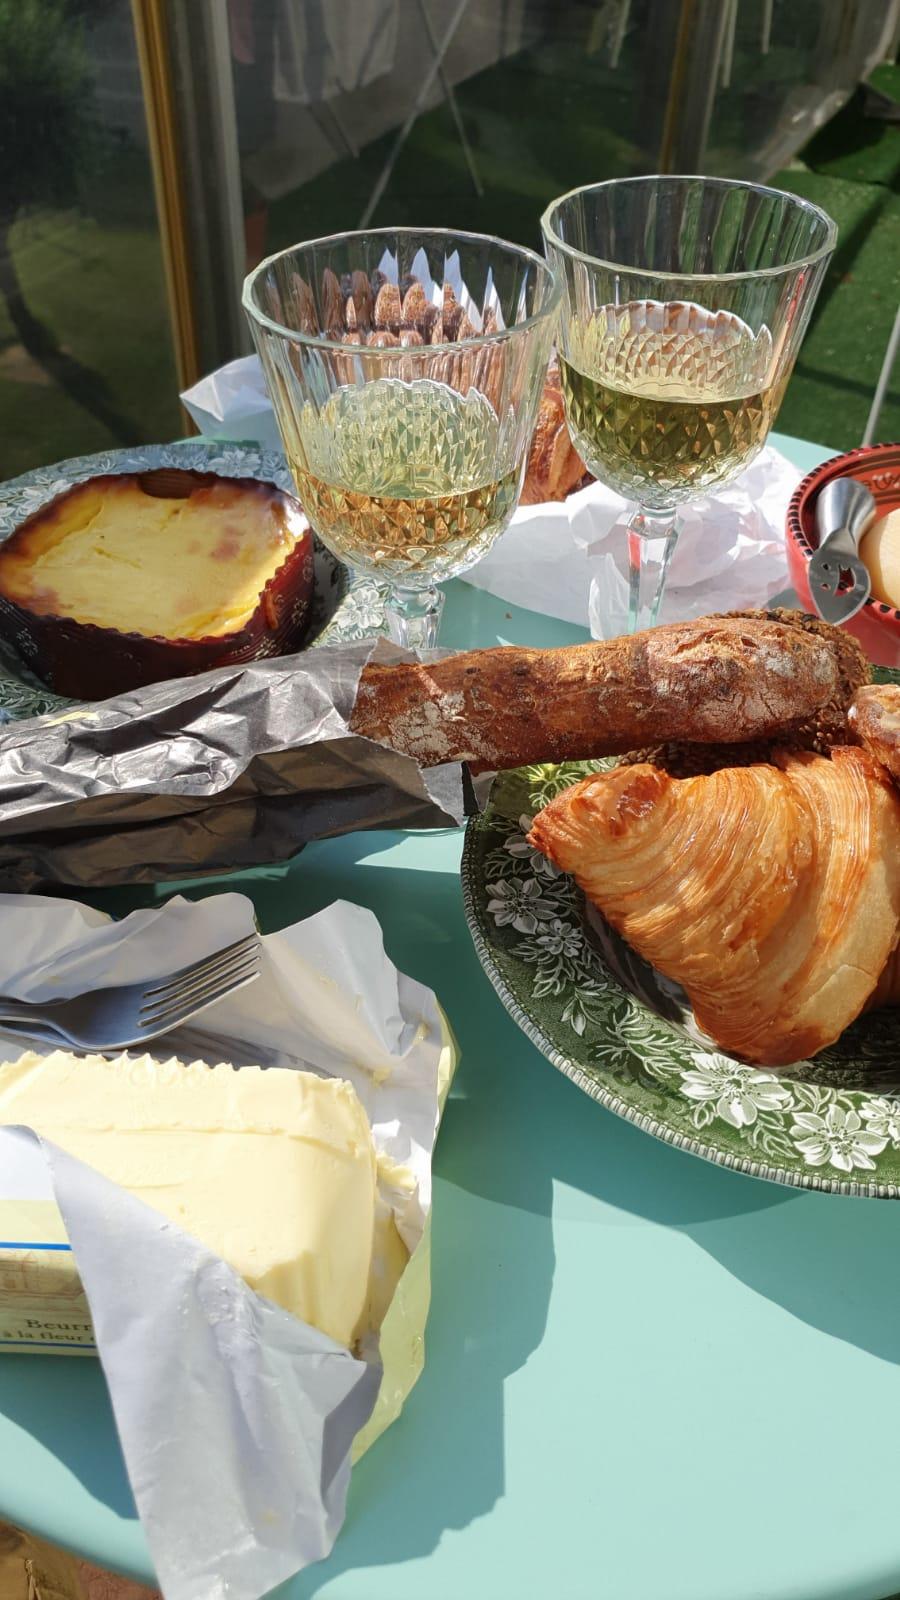 Paris_bagheta_croissant_beurre sale